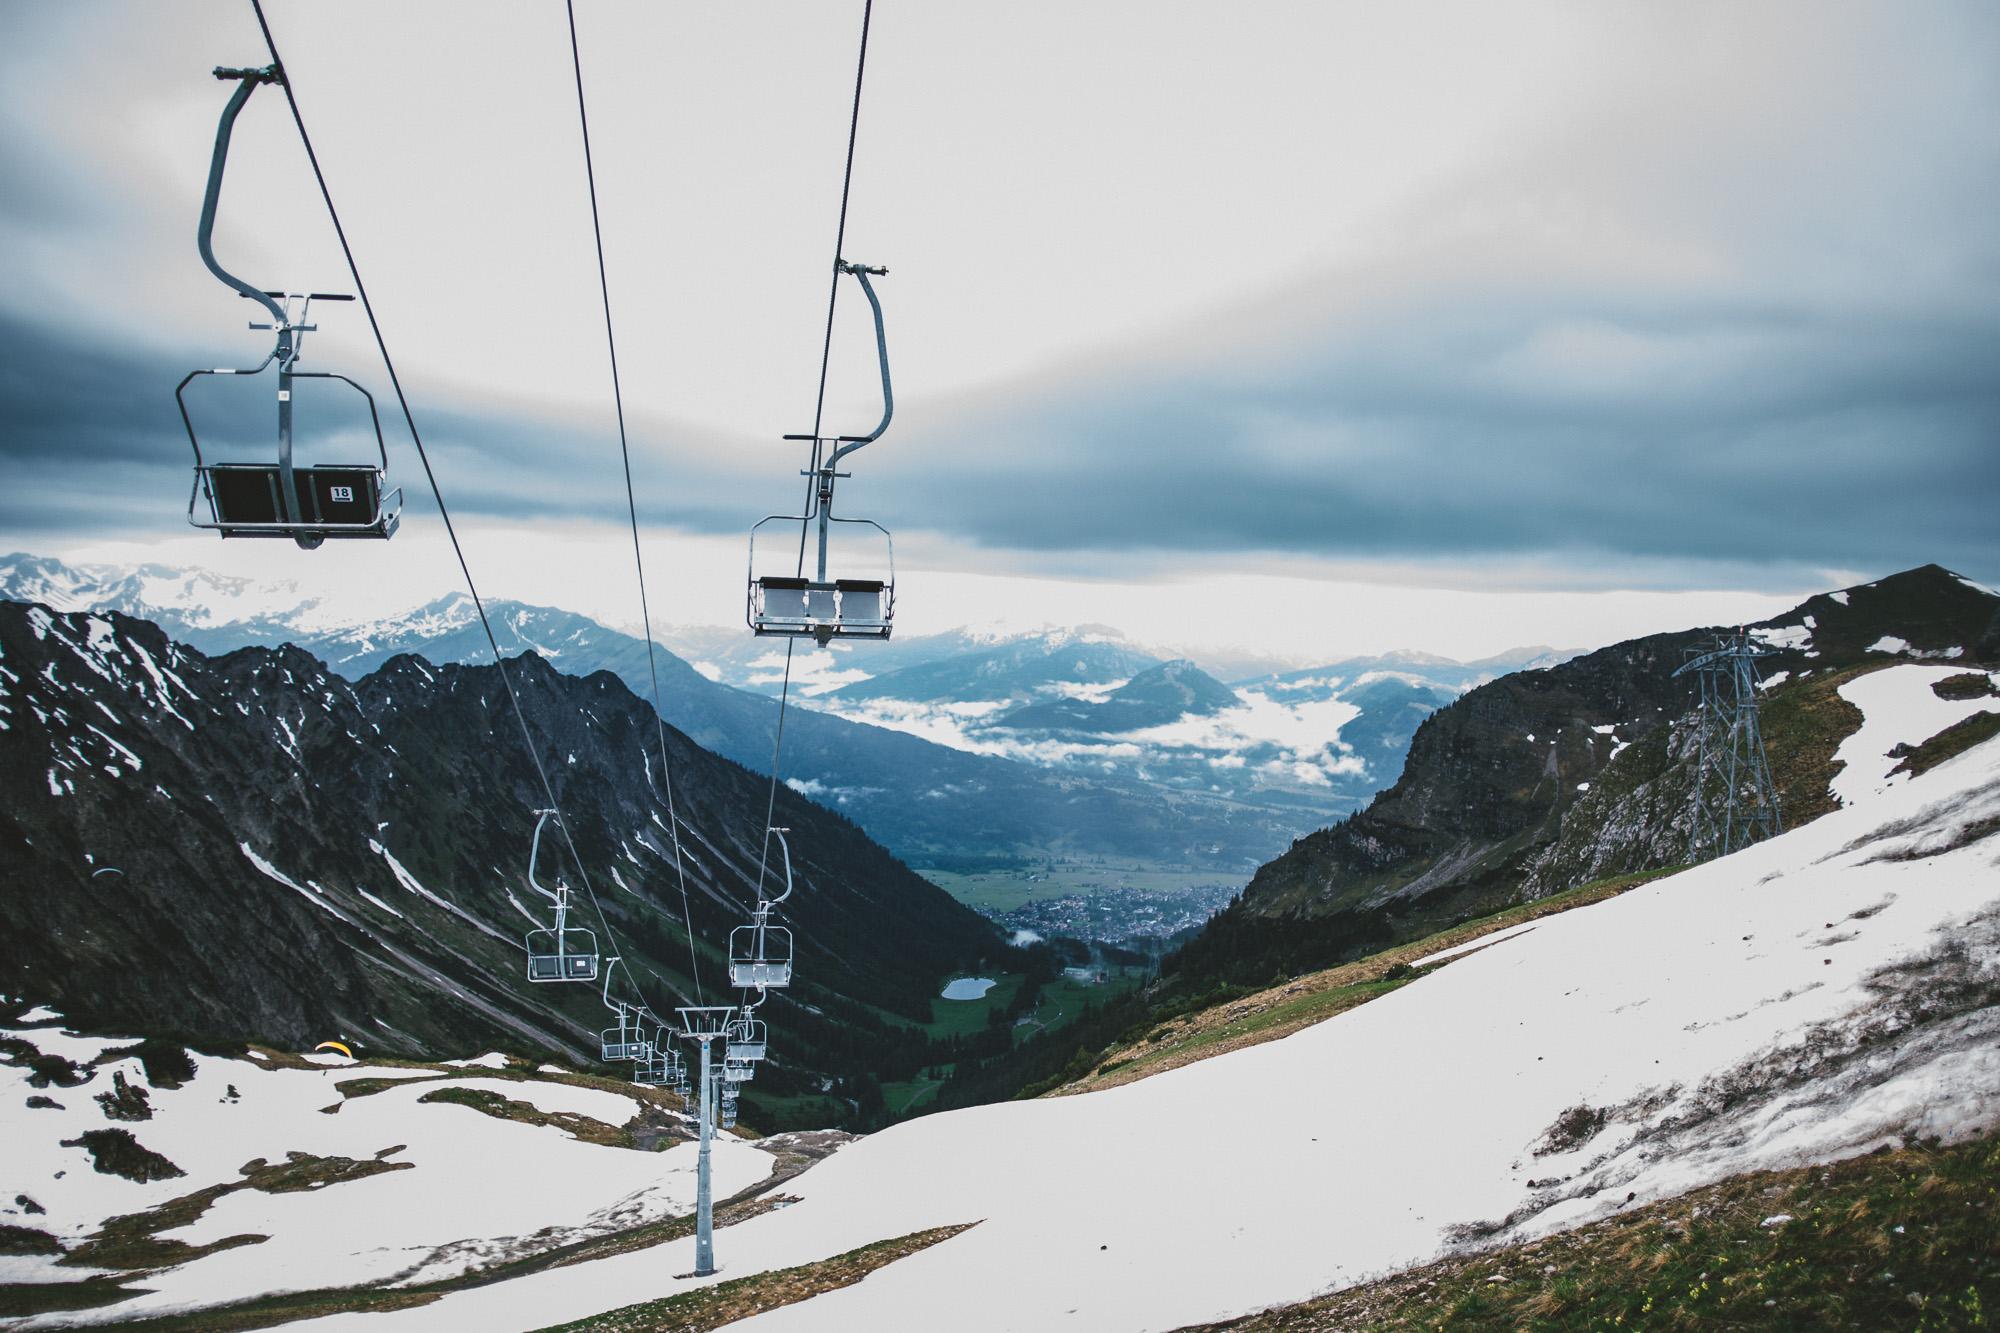 svea und keve 001 - Nur zu zweit in den Bergen